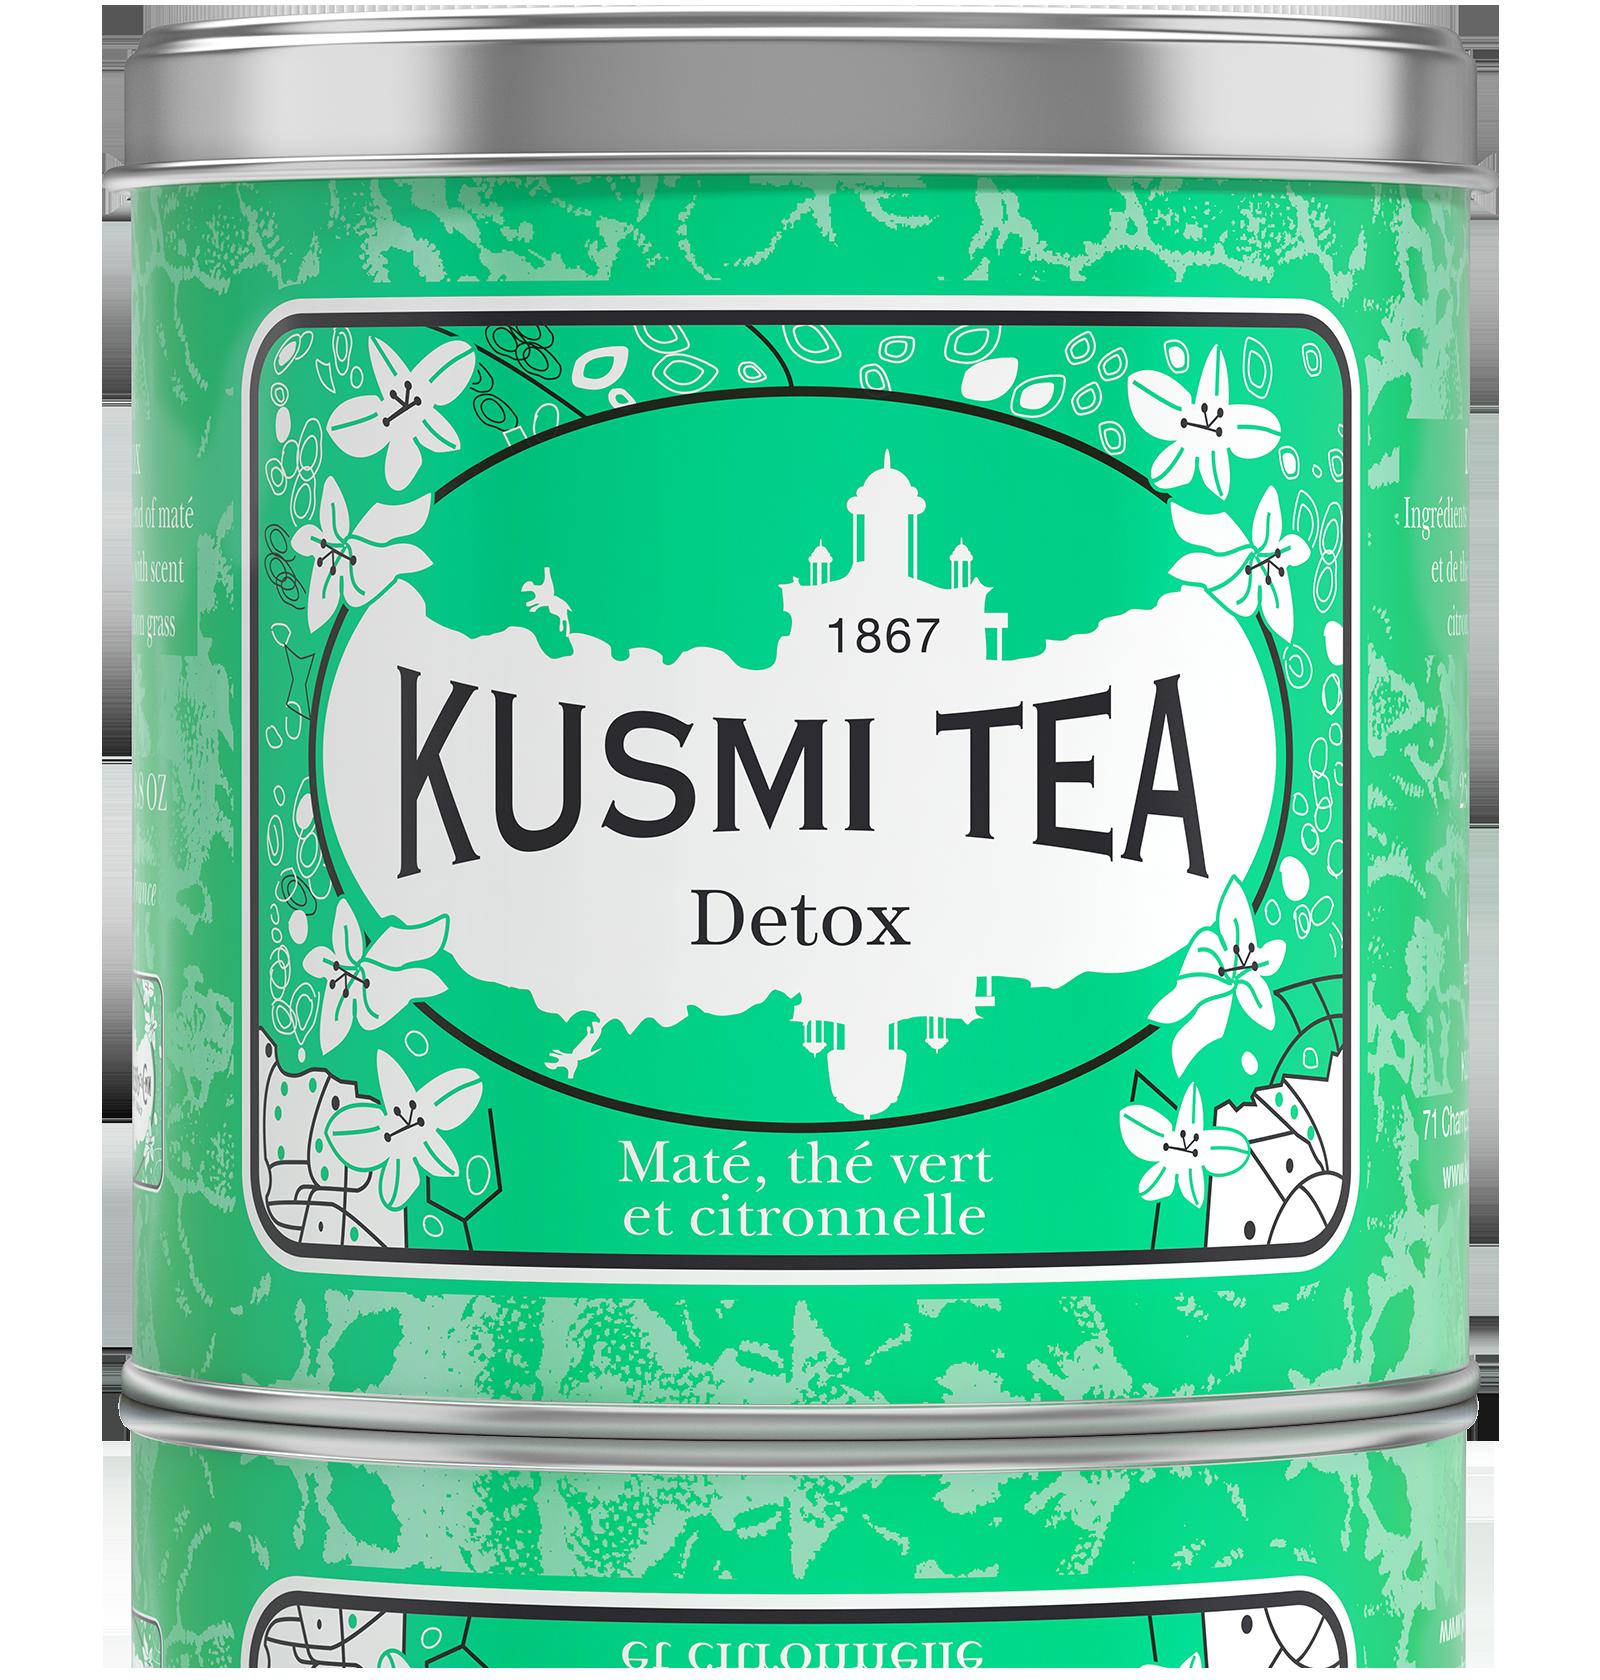 Thé vert, maté vrac - Detox - Kusmi Tea